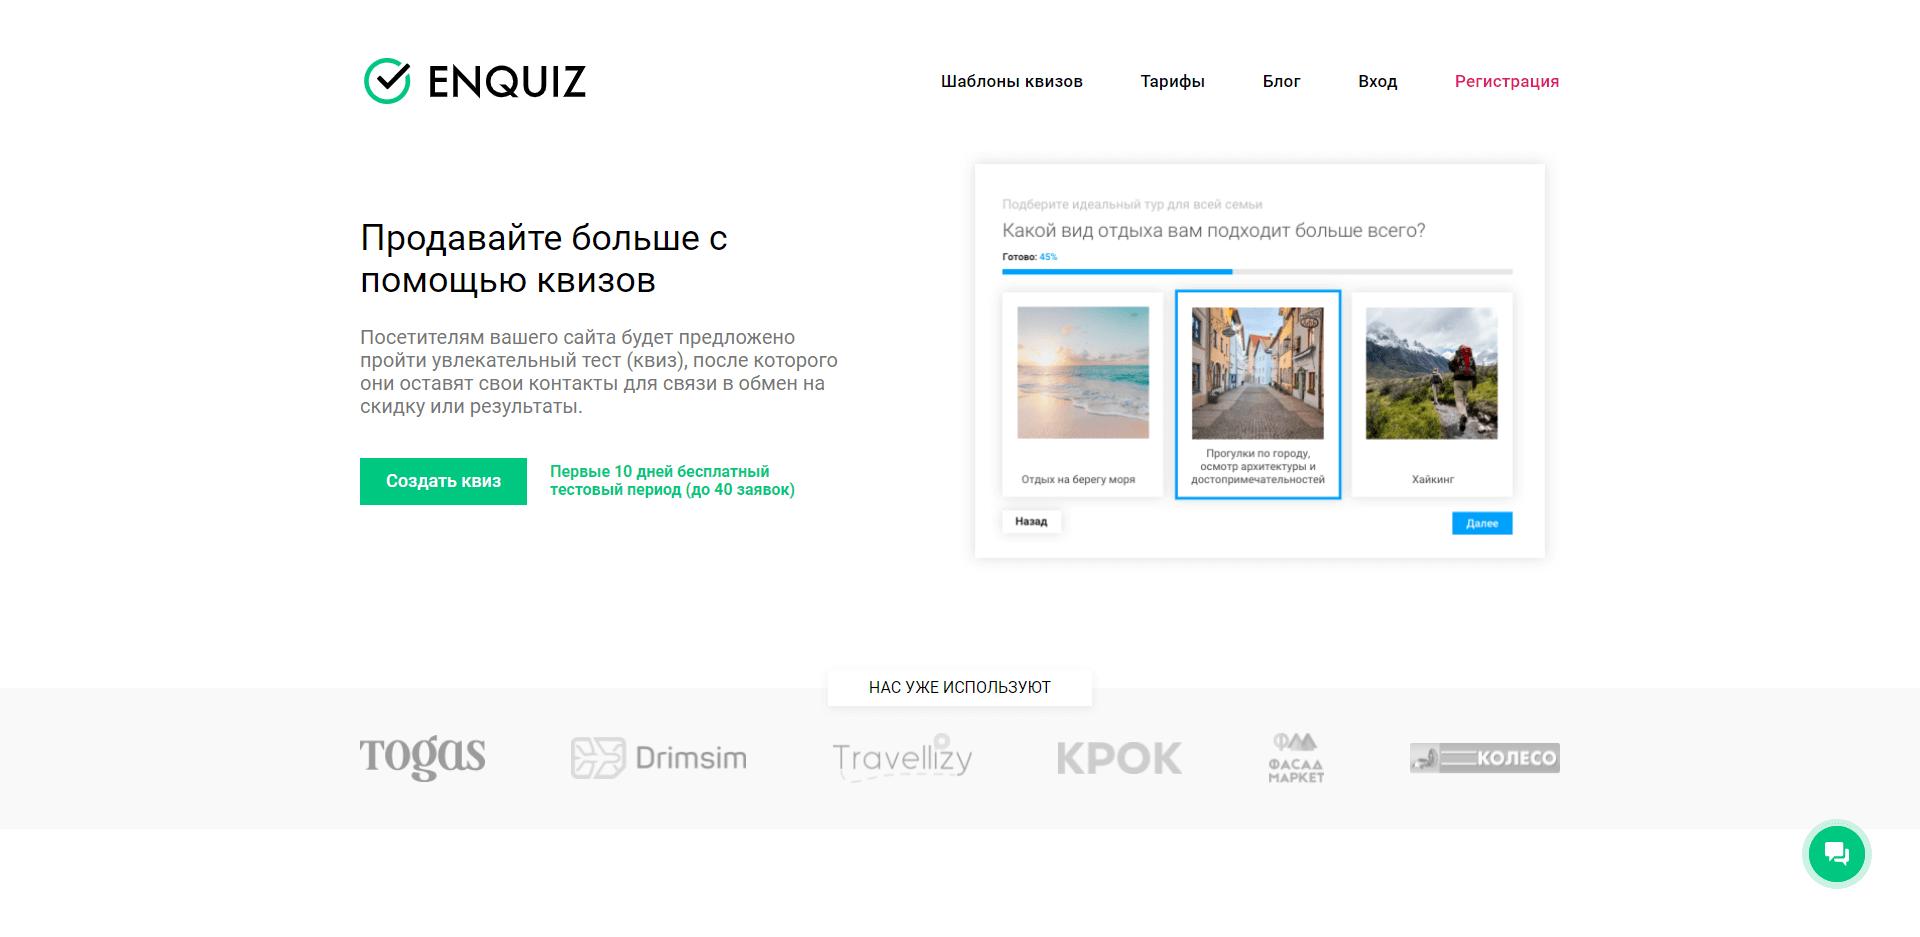 Сайт Enquiz